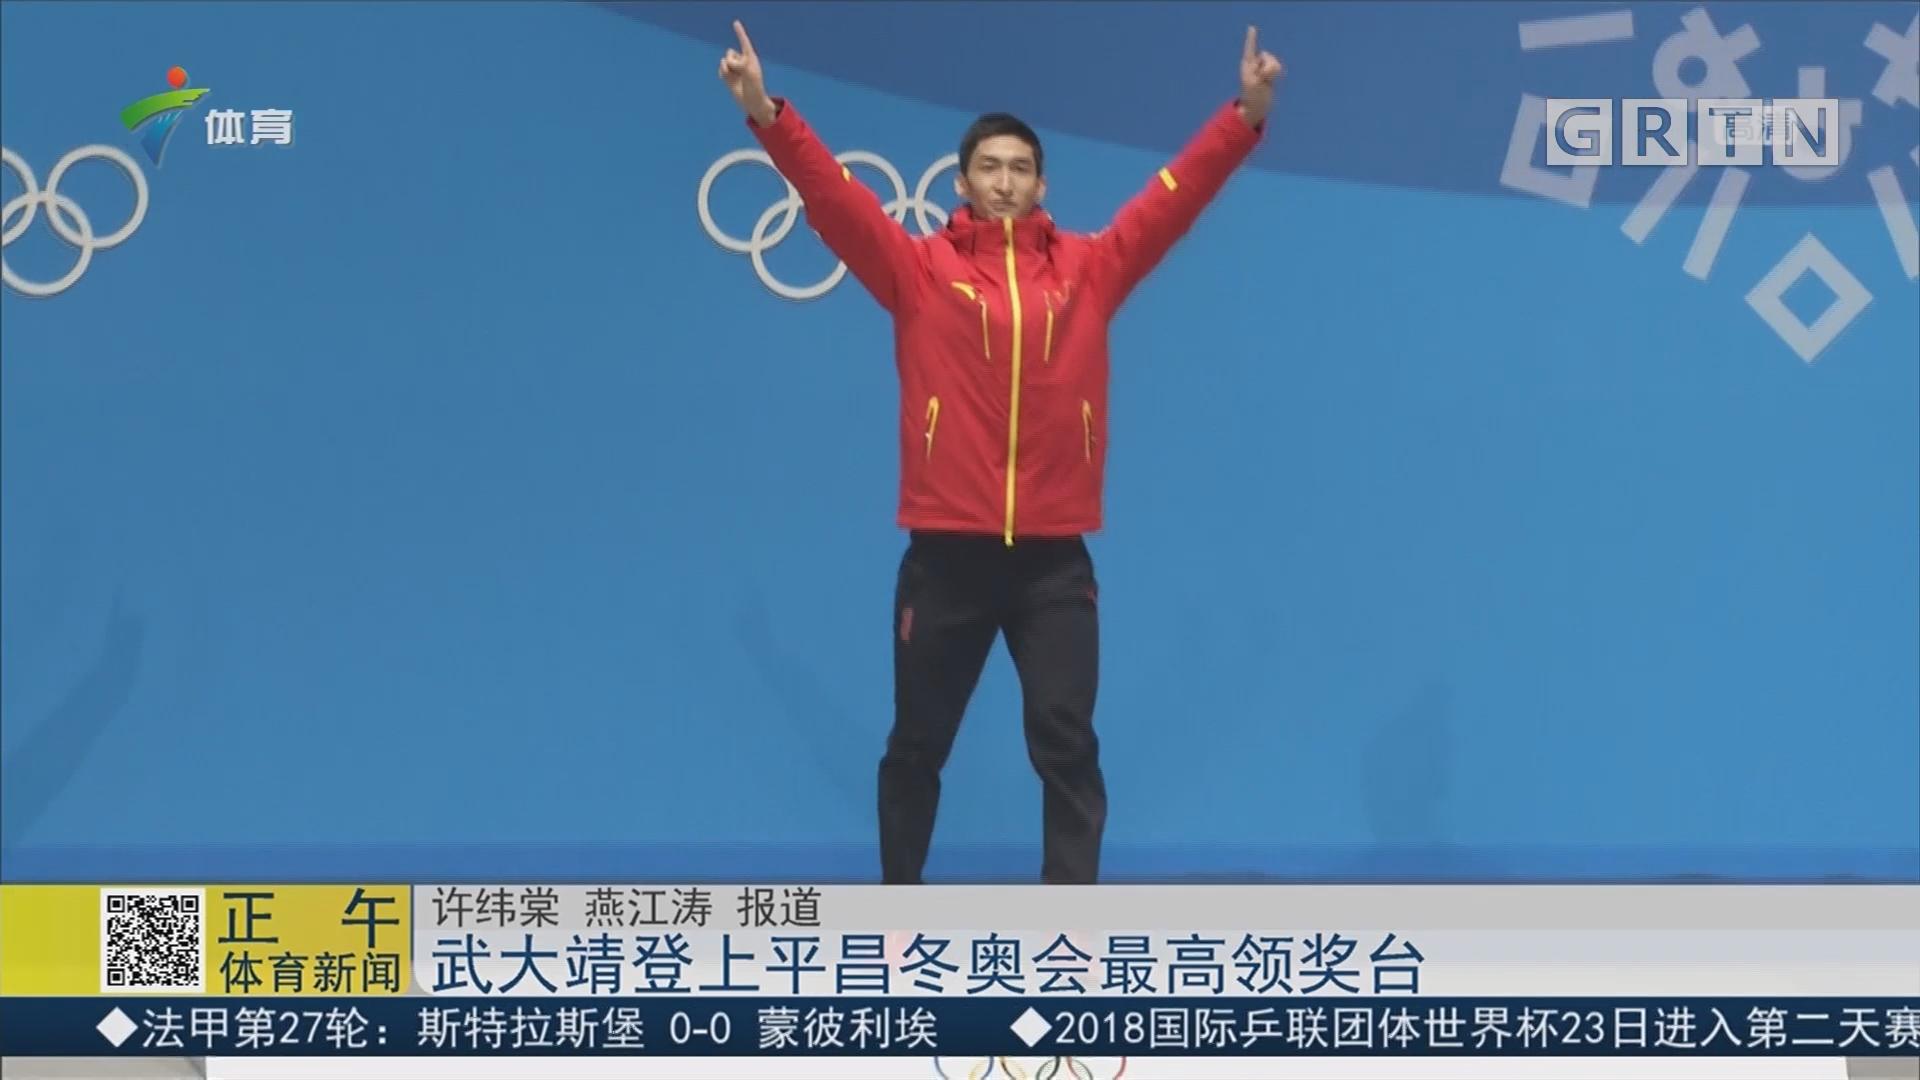 武大靖登上平昌冬奥会最高领奖台